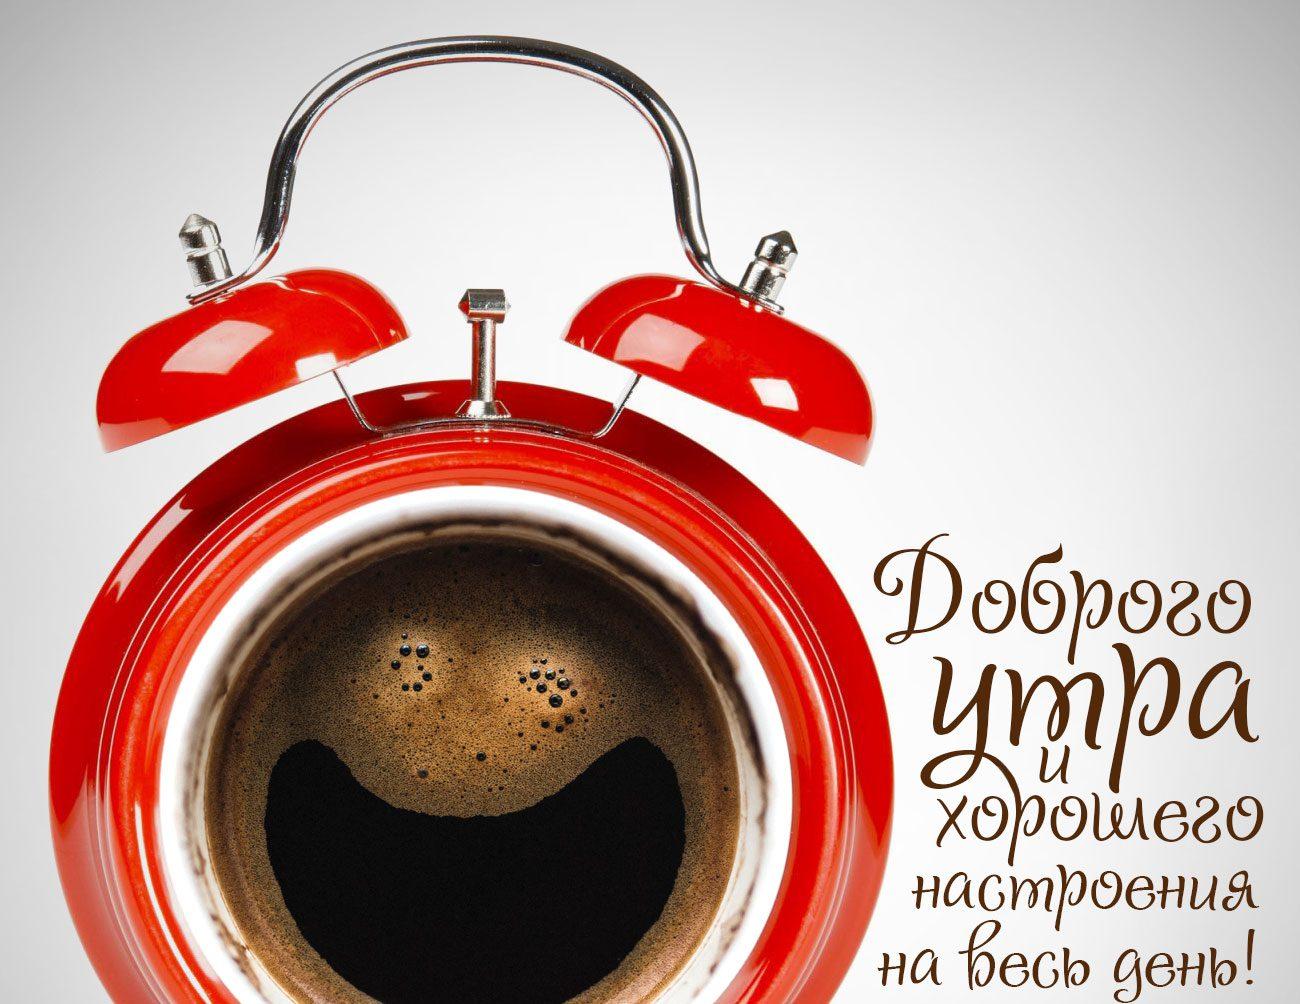 Доброго утра и хорошего настроения на весь день!